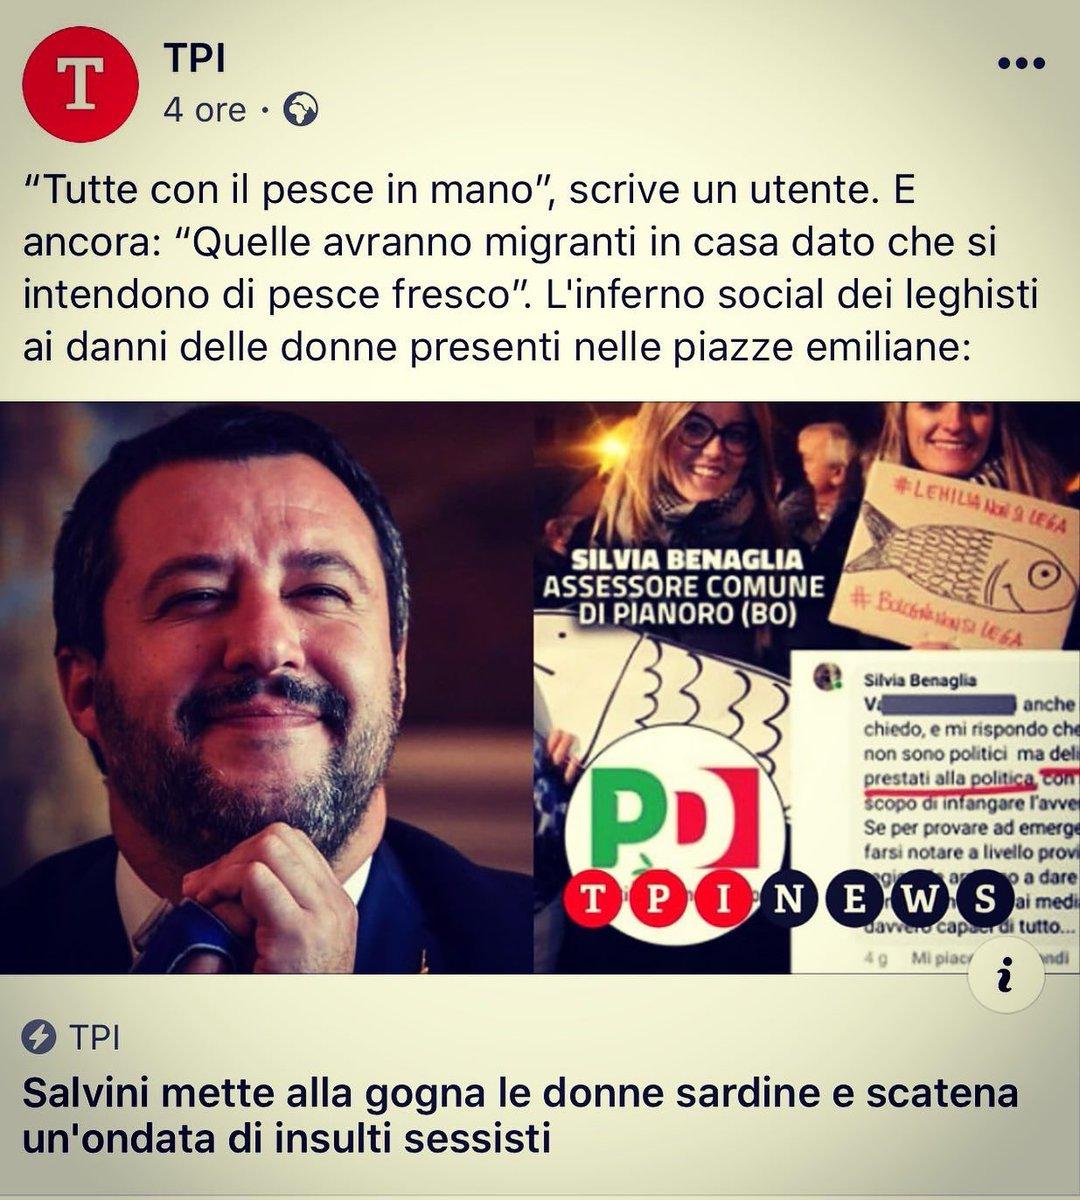 #SardinecontroSalvini